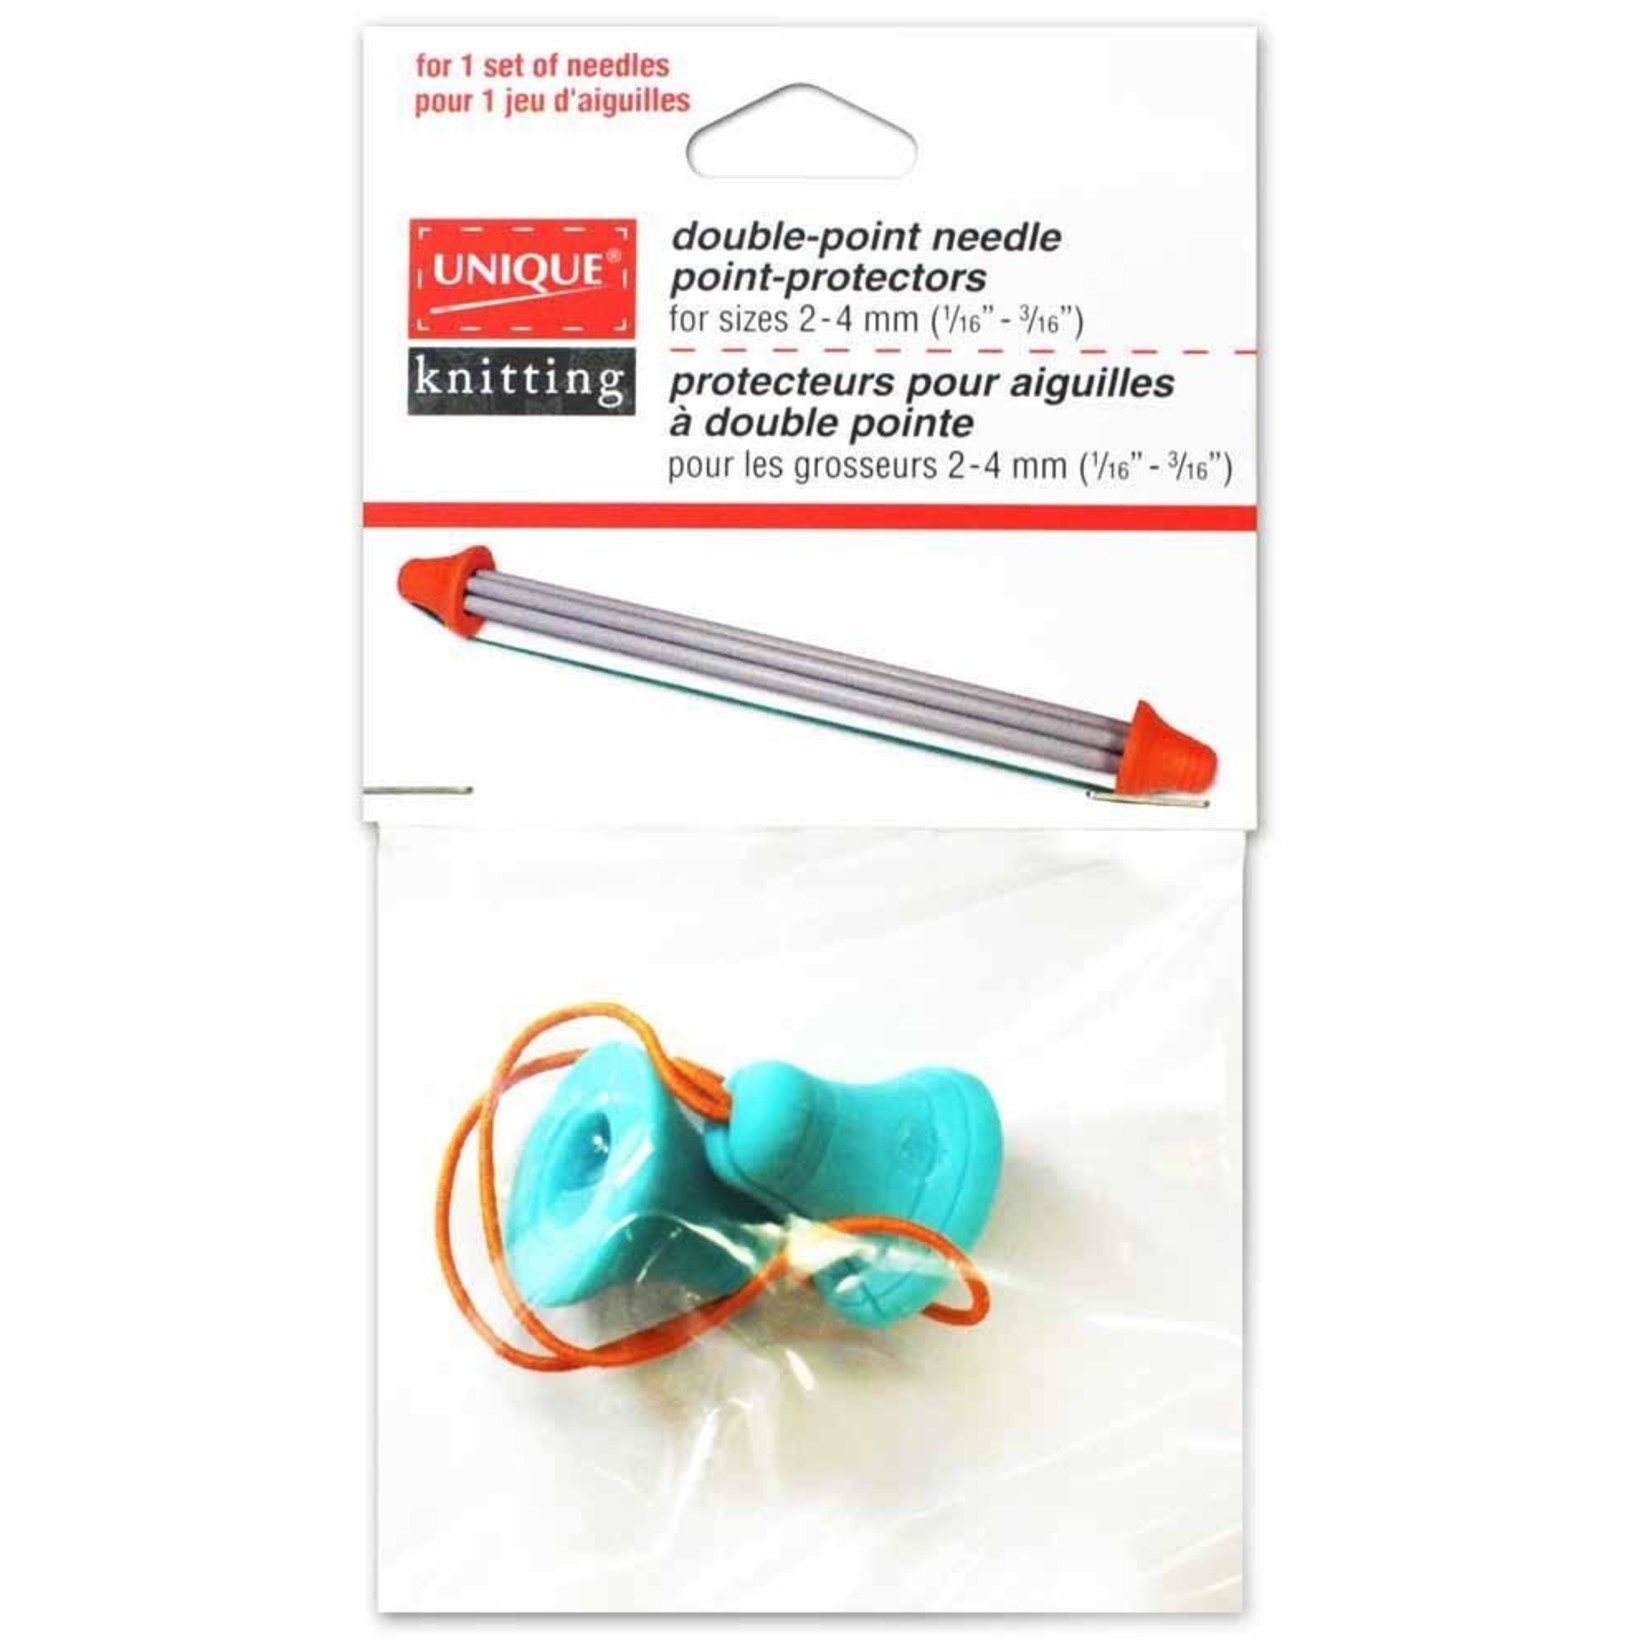 Unique Double-Point Needle Point Protectors